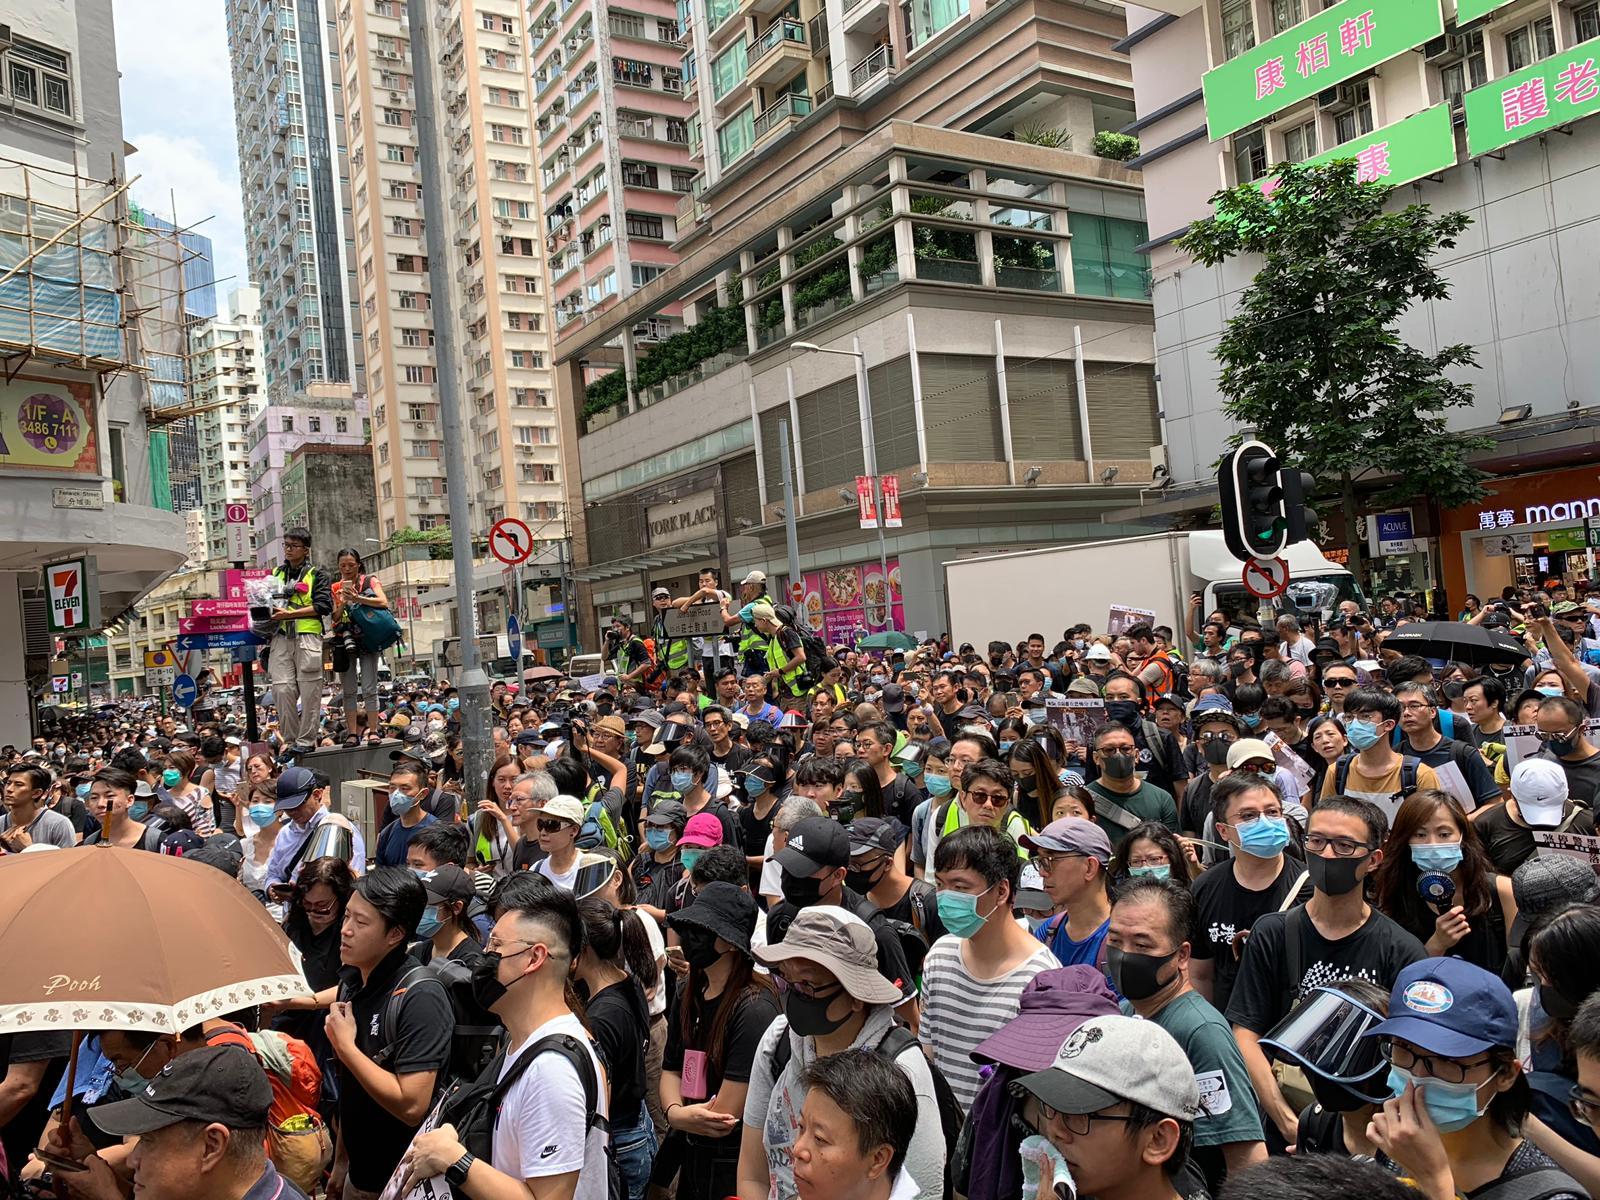 指示威者佔据轩尼诗道及花园道等 警方警告立刻停止违法行为